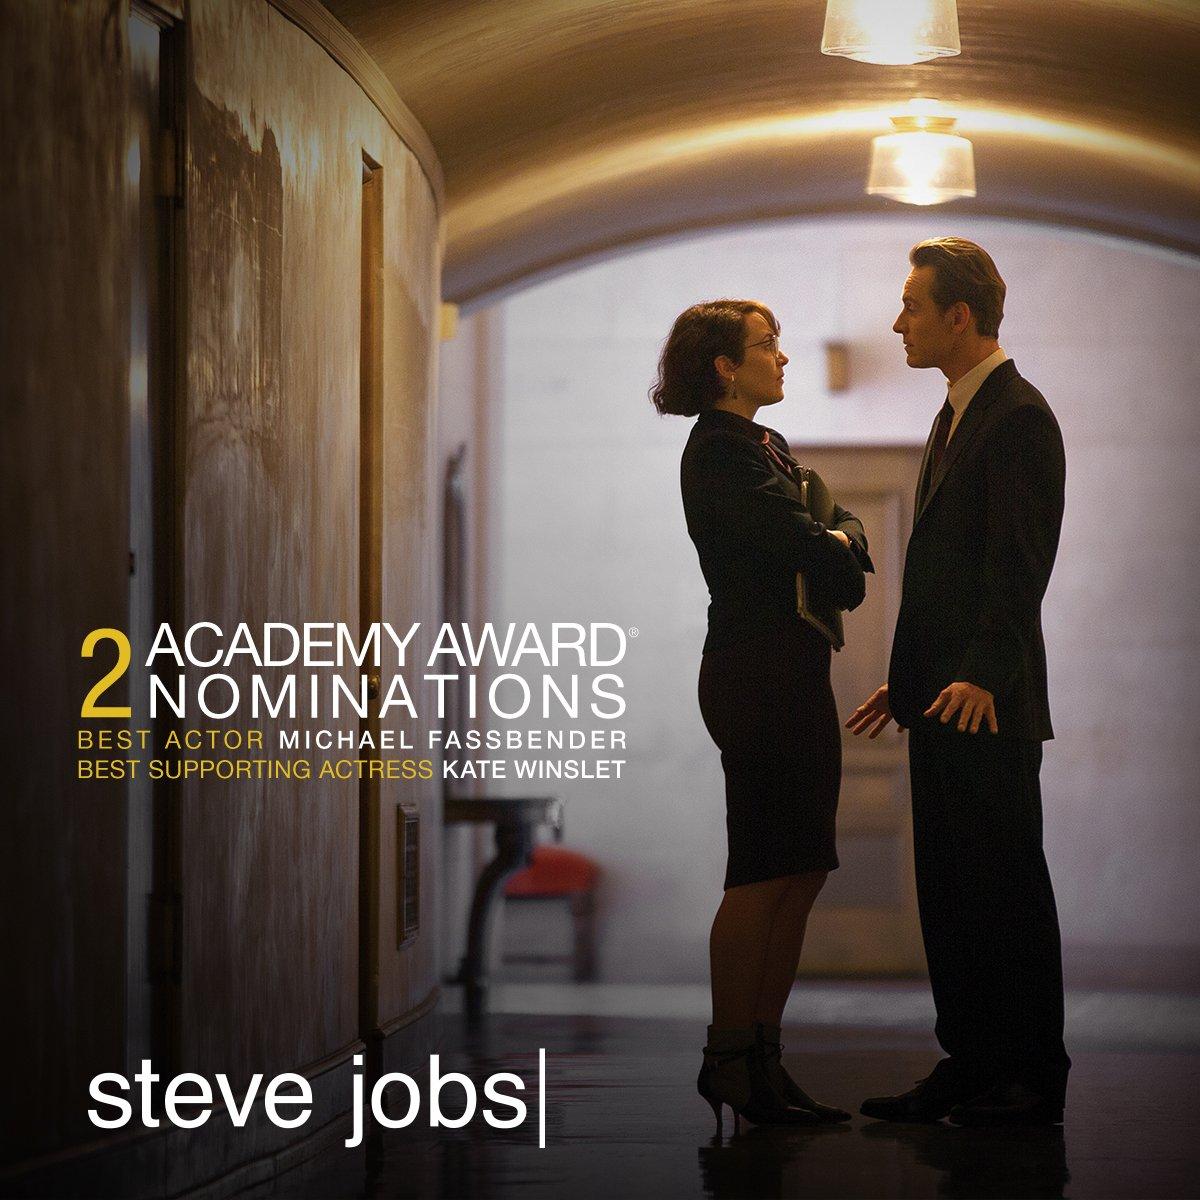 steve jobs stevejobsfilm twitter